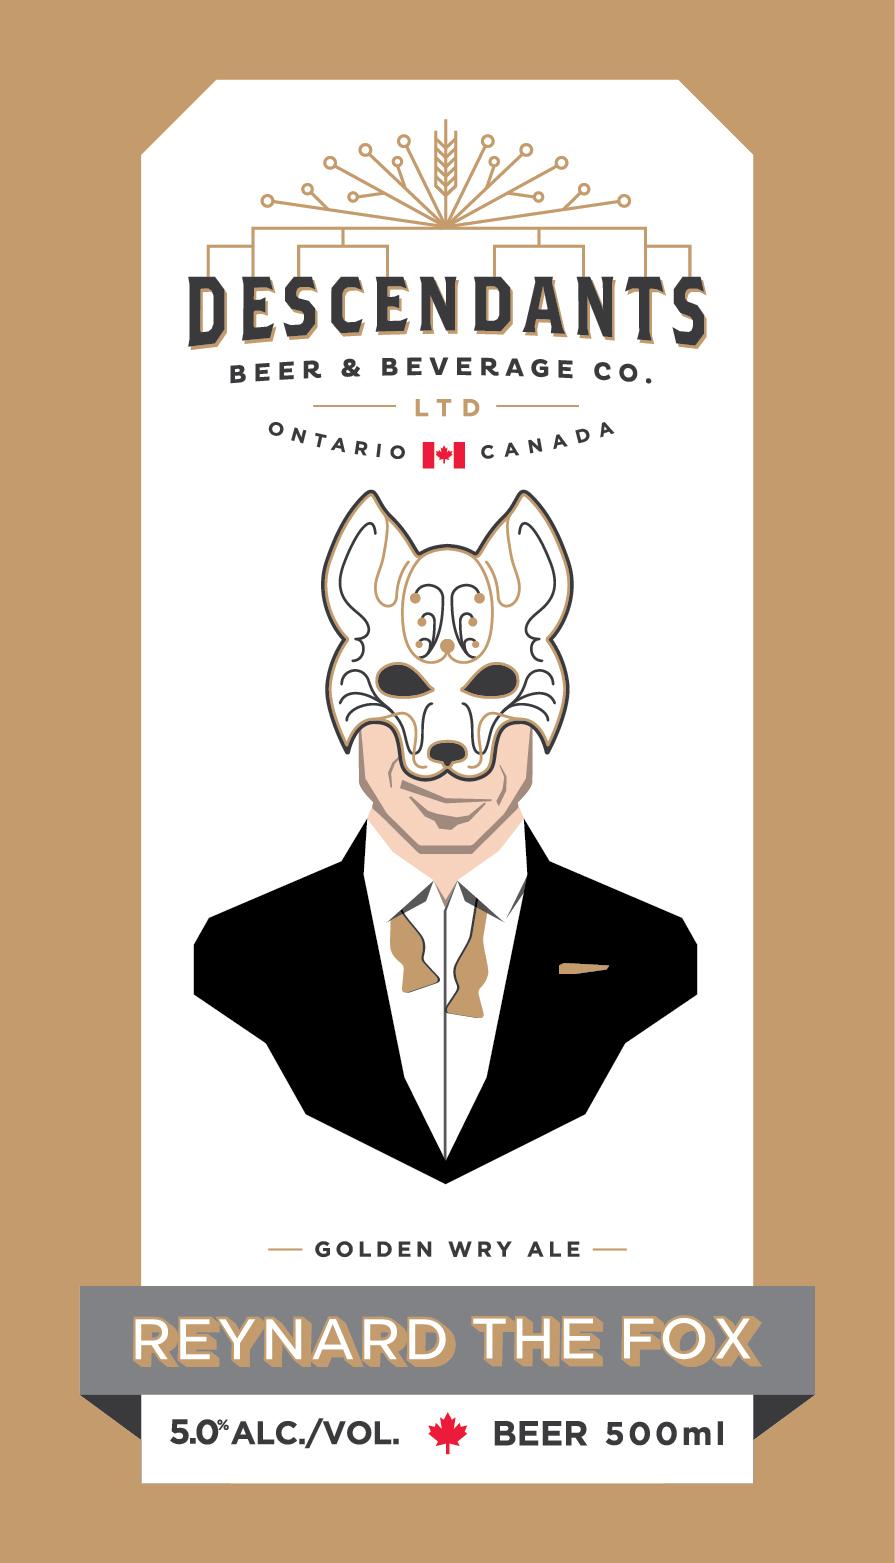 Character design for Descendents beer label